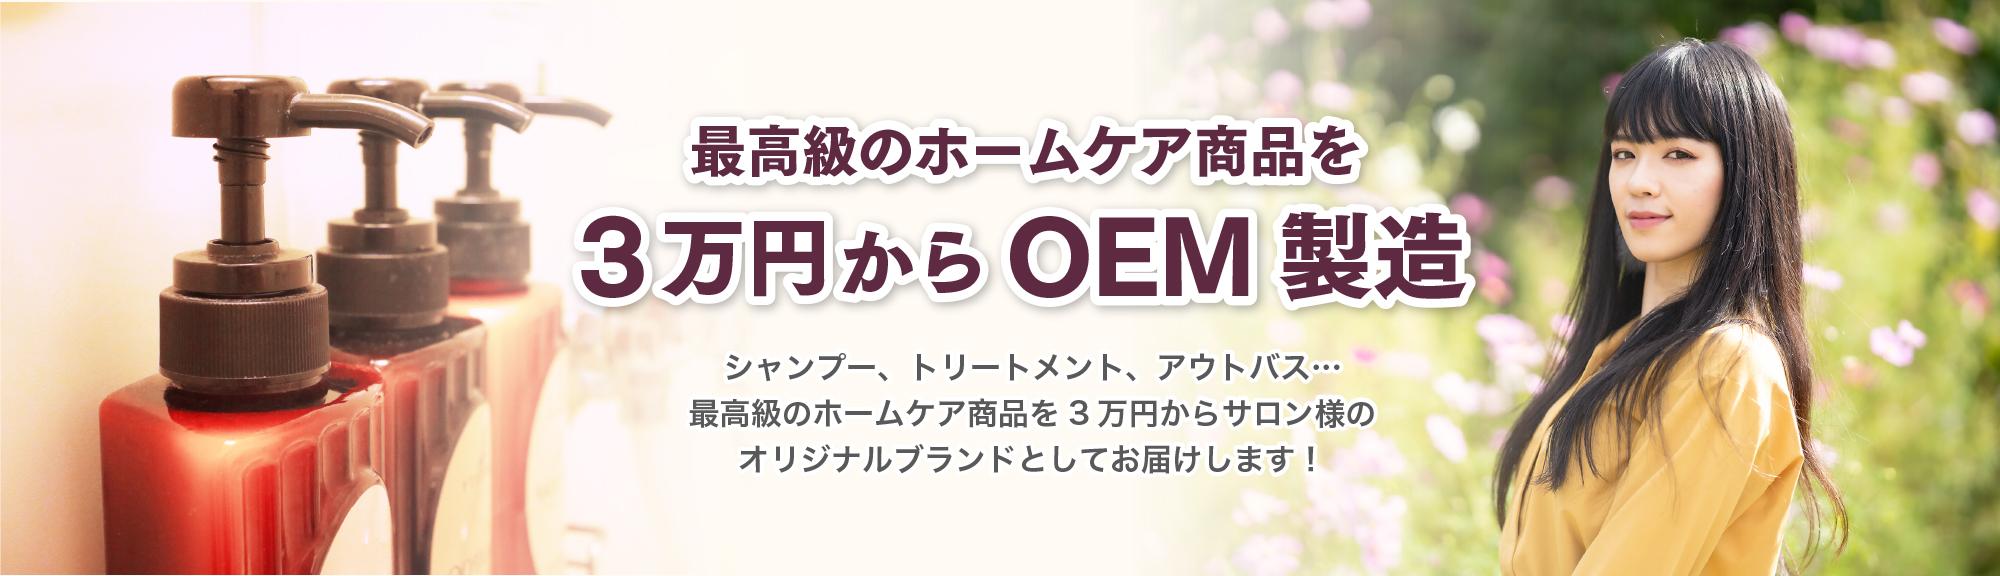 最高級のホームケア商品を 3万円からOEM製造/シャンプー、トリートメント、アウトバス…最高級のホームケア商品を3万円からサロン様のオリジナルブランドとしてお届けします!